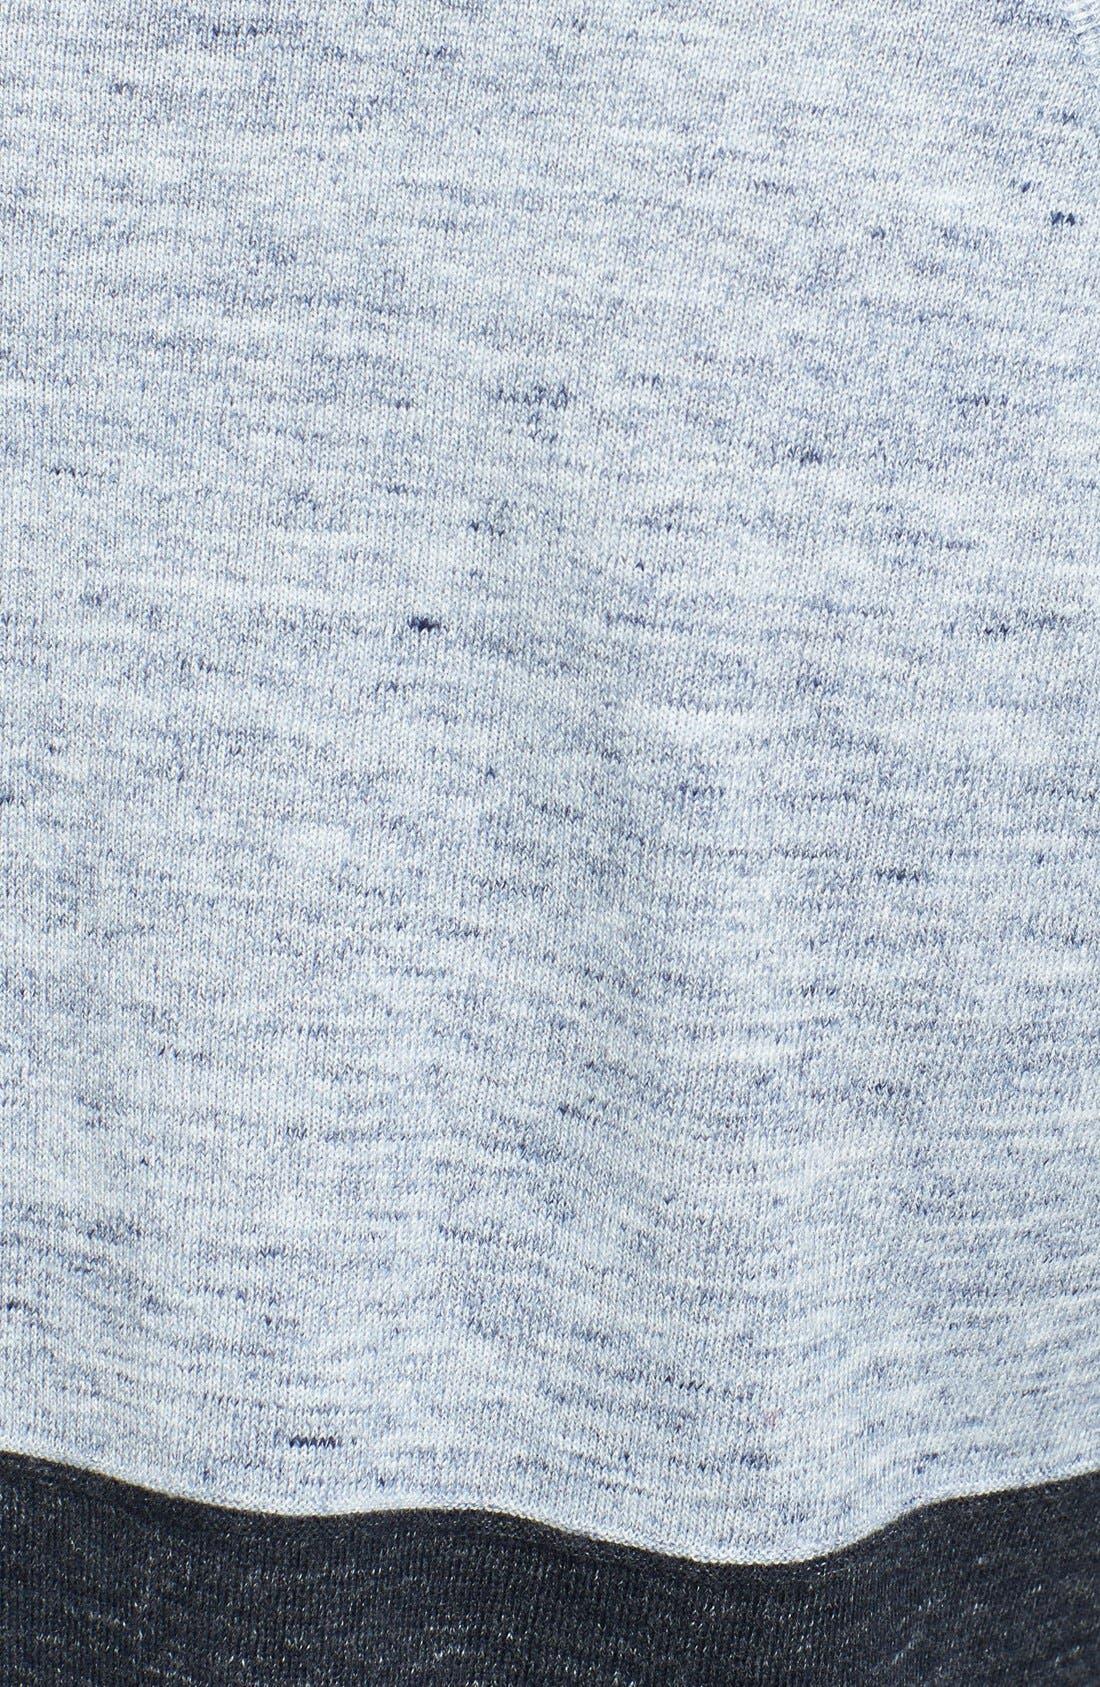 Alternate Image 3  - Vince 'Breezy' Colorblock Crewneck Sweater